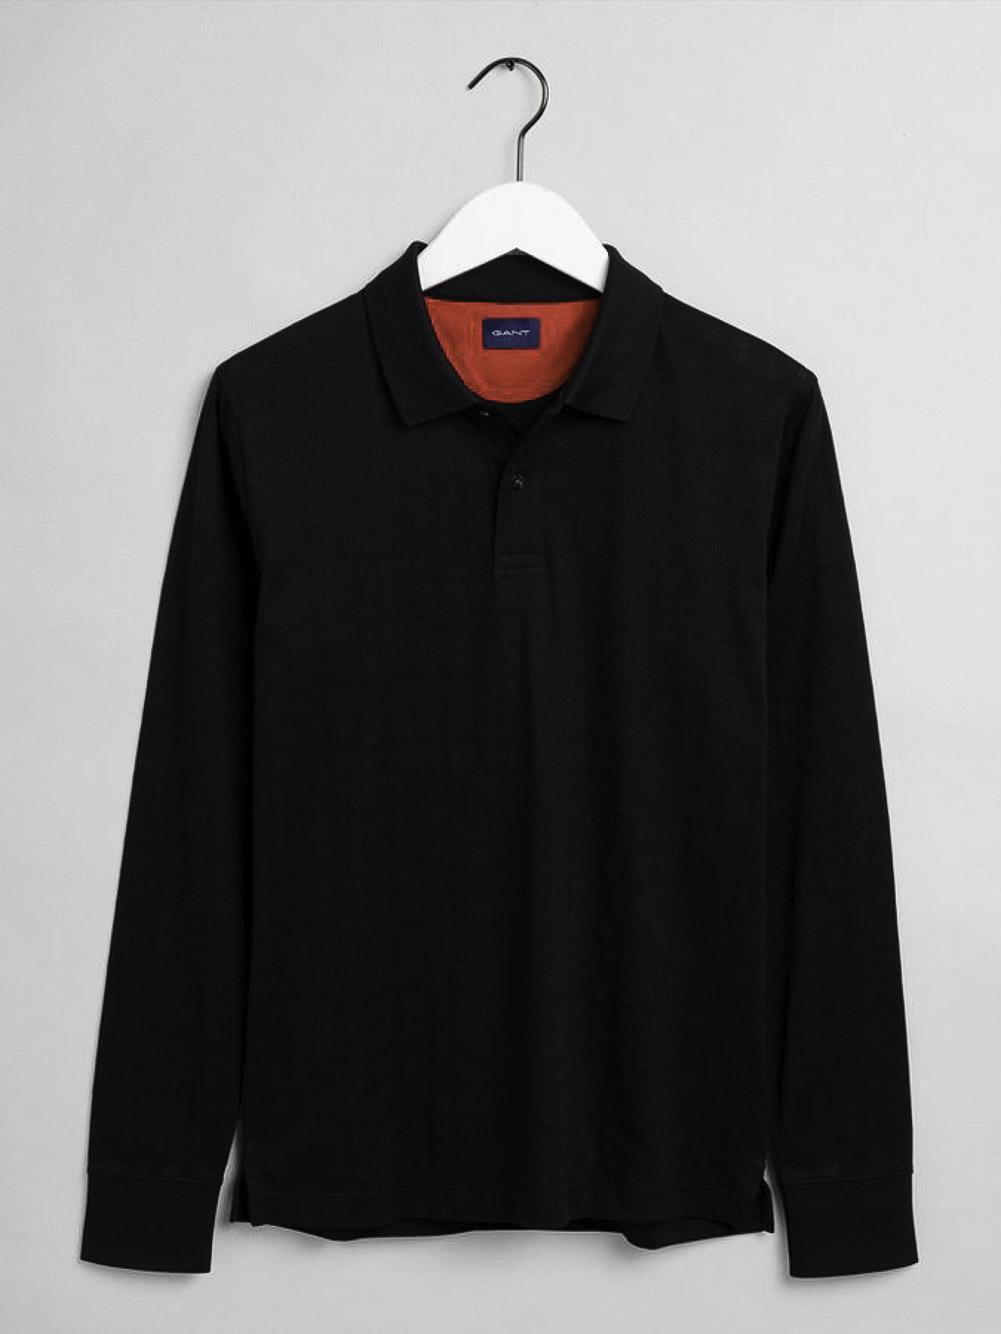 GANT Μπλούζα Polo 3G2015036-5 ΜΑΥΡΟ